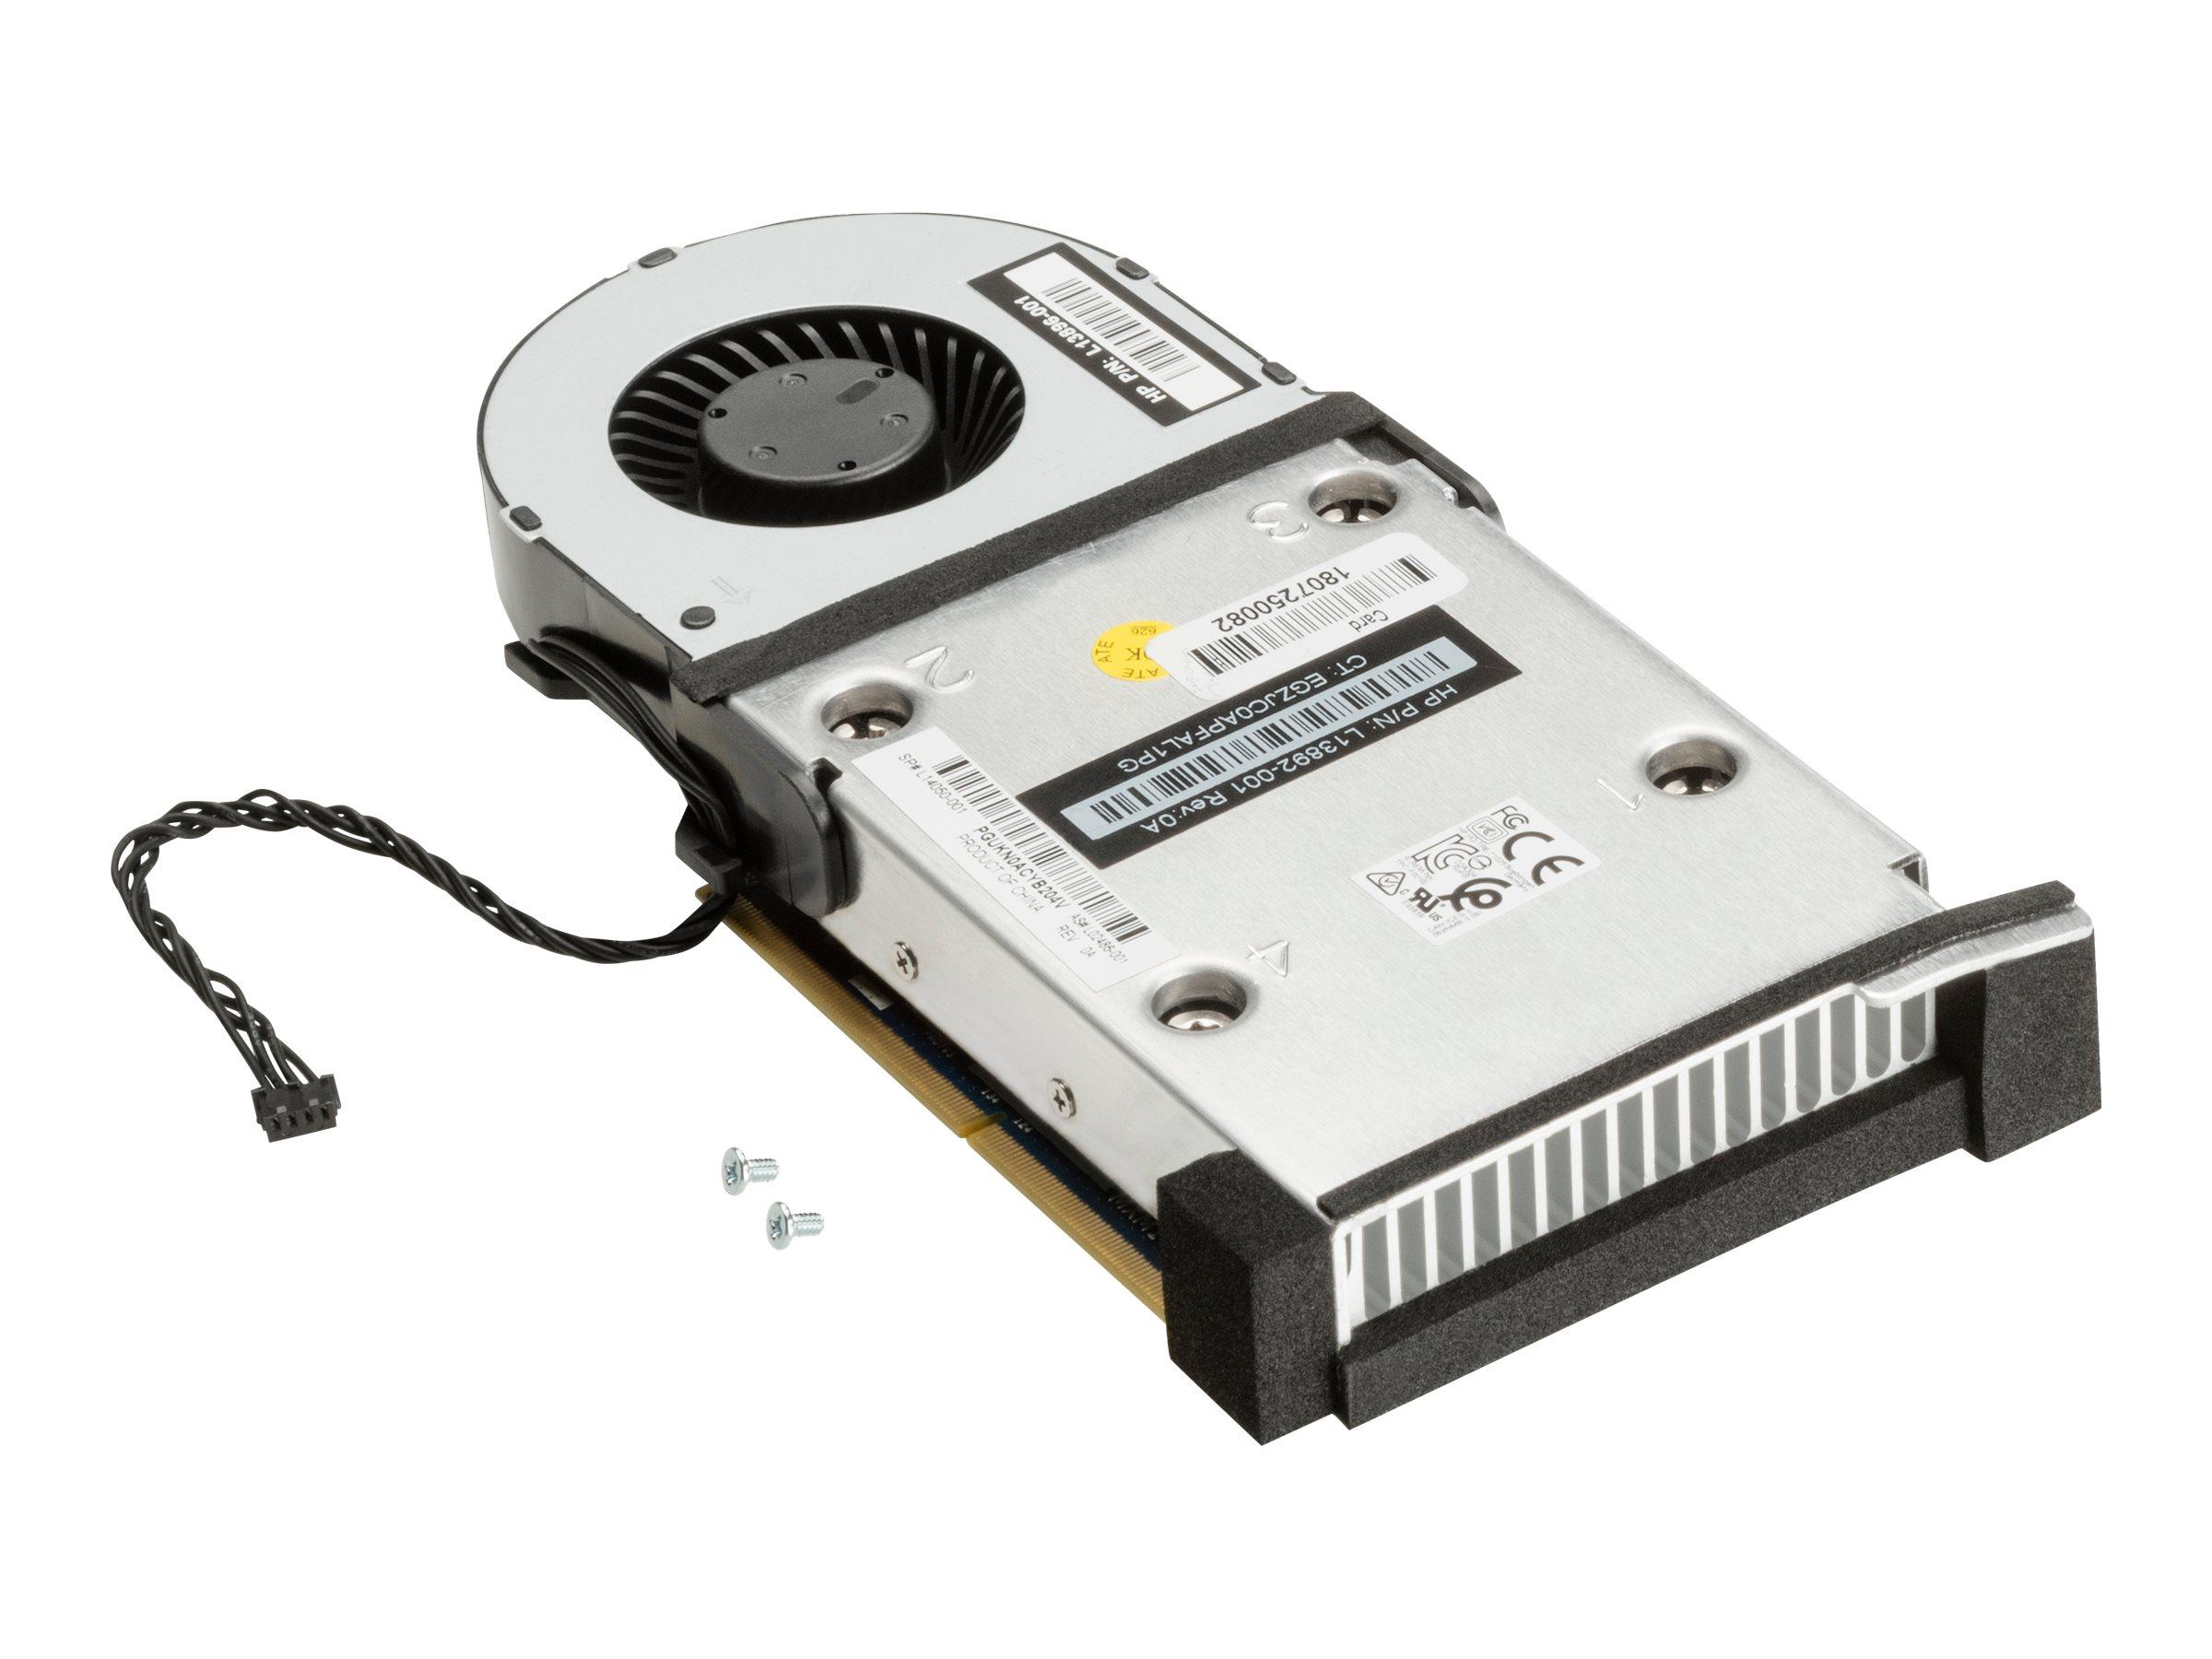 NVIDIA Quadro P600 MXM kit - Grafikkarten - 1 GPUs - Quadro P600 - 4 GB GDDR5 - für Workstation Z2 Mini G4 Performance